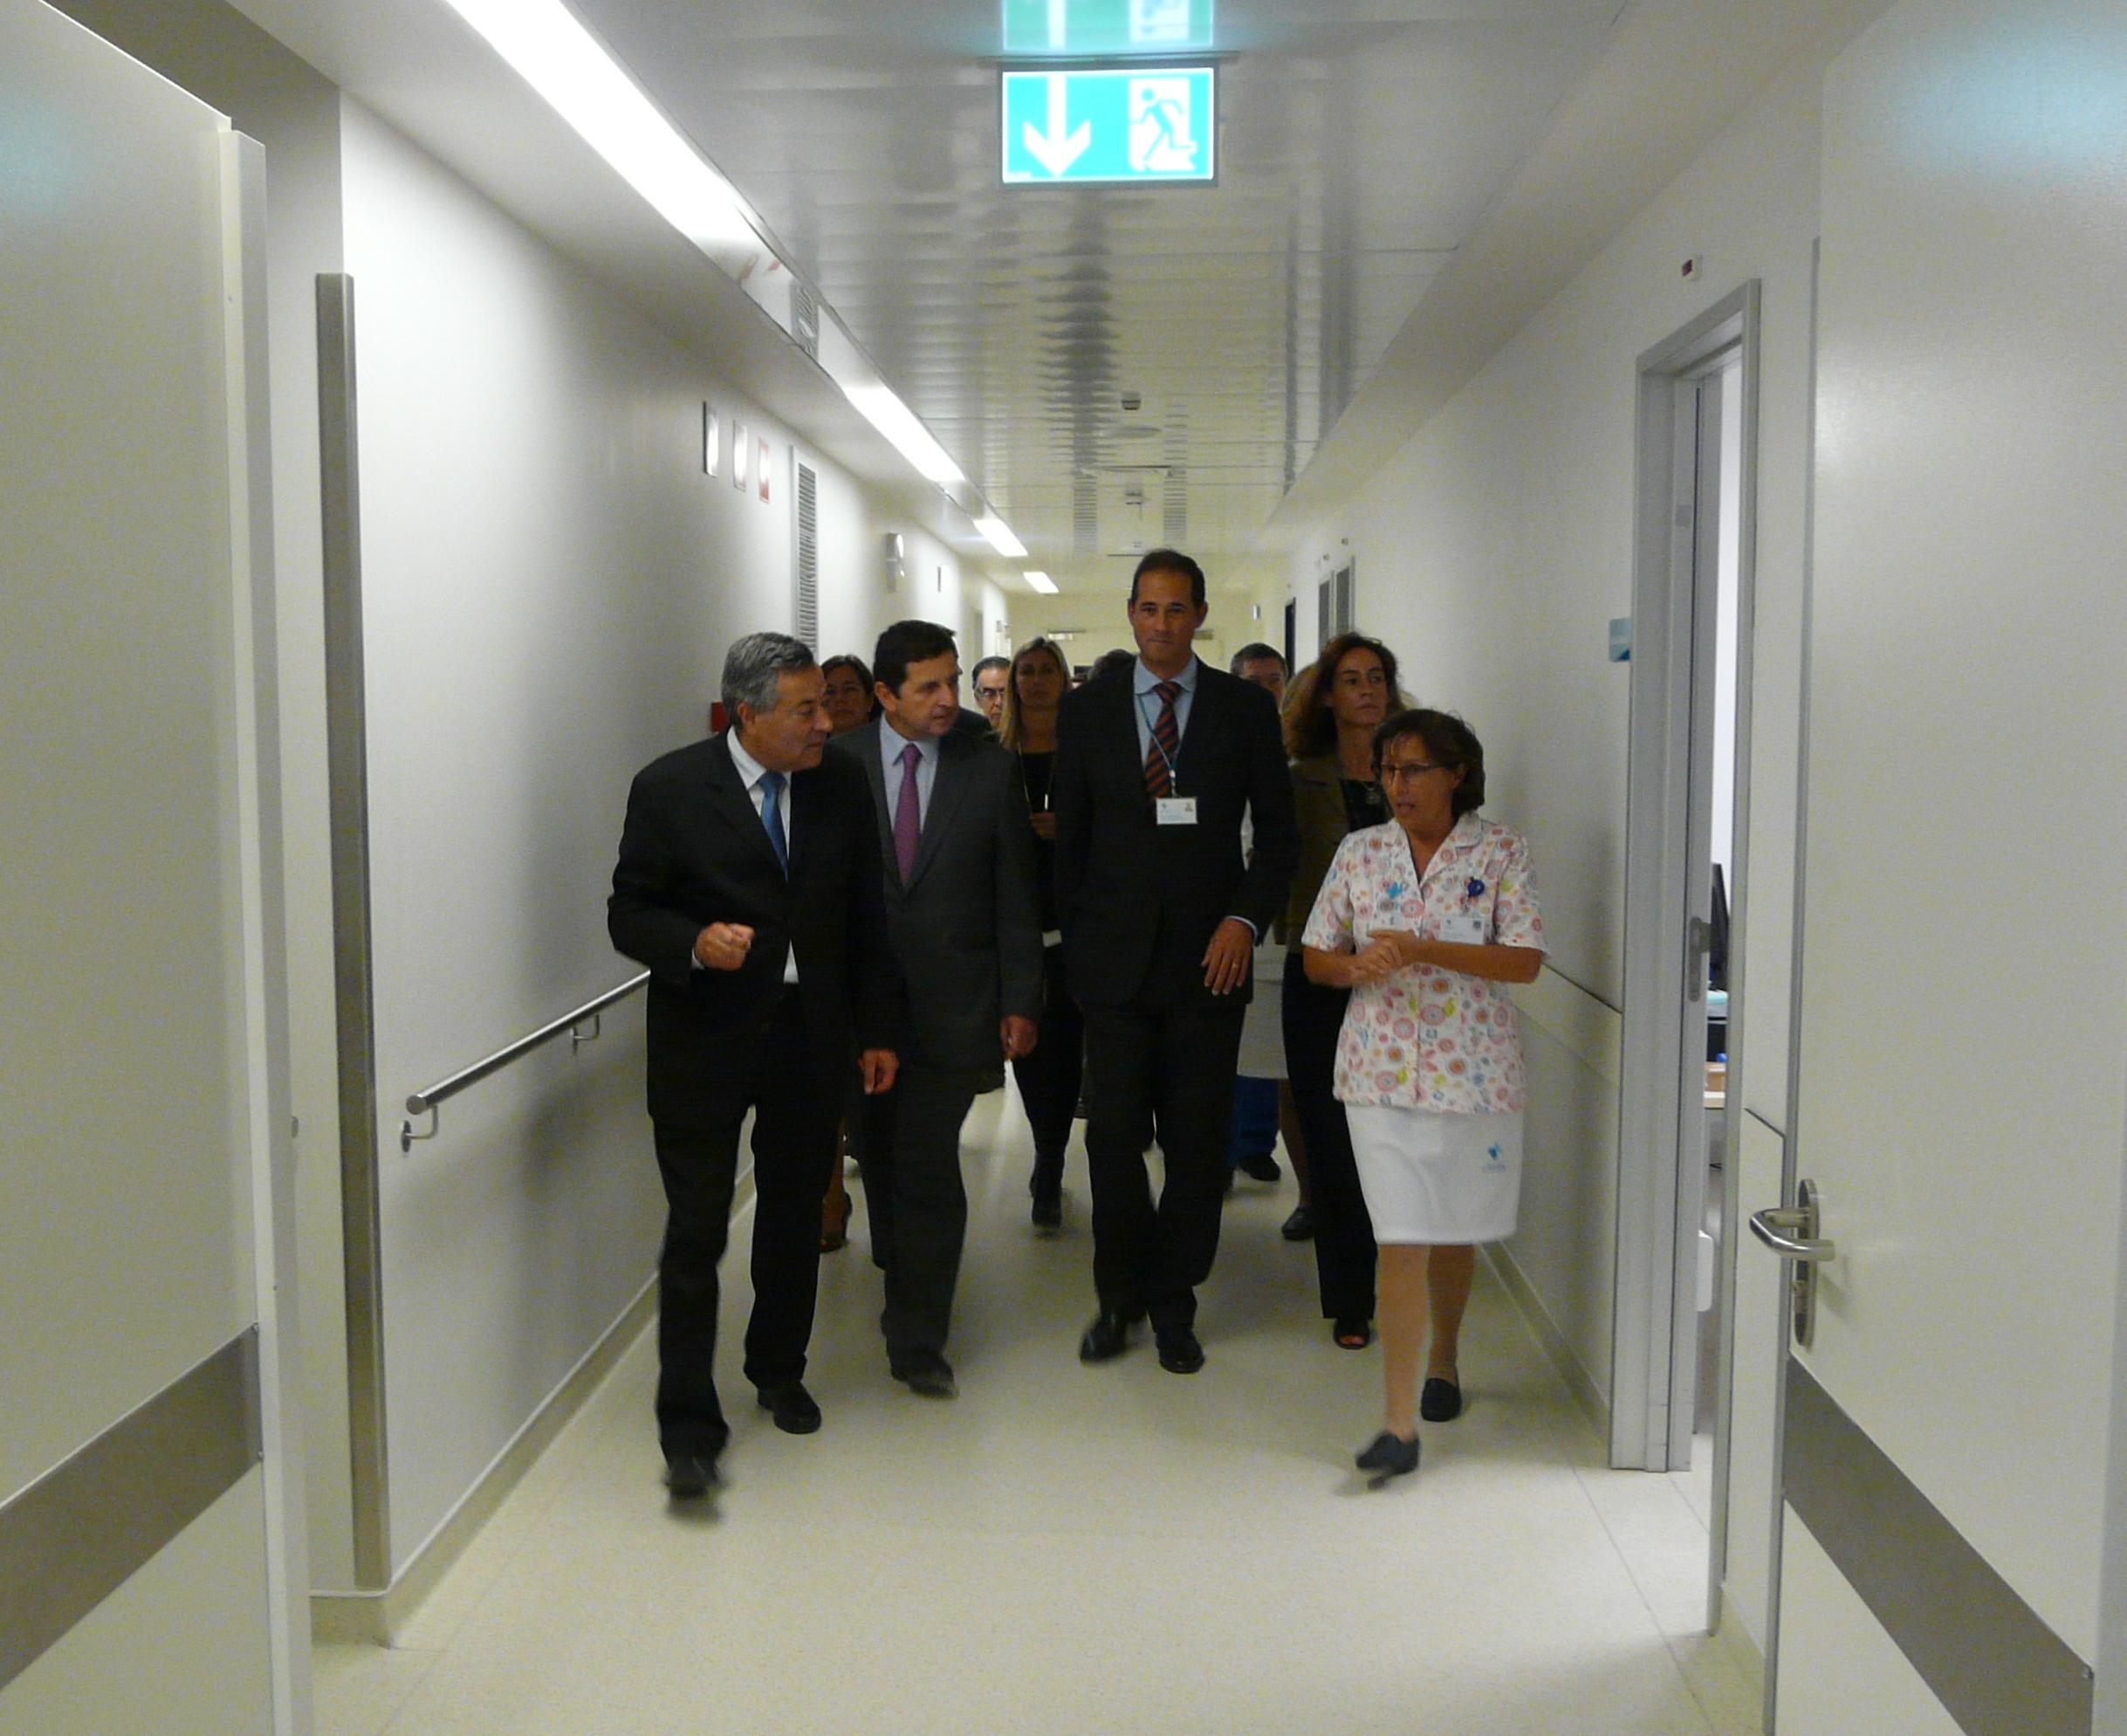 hospital-de-vila-franca-de-xira-Hospital Vila Franca de Xira recebe visita de Secretário de Estado da Saúde